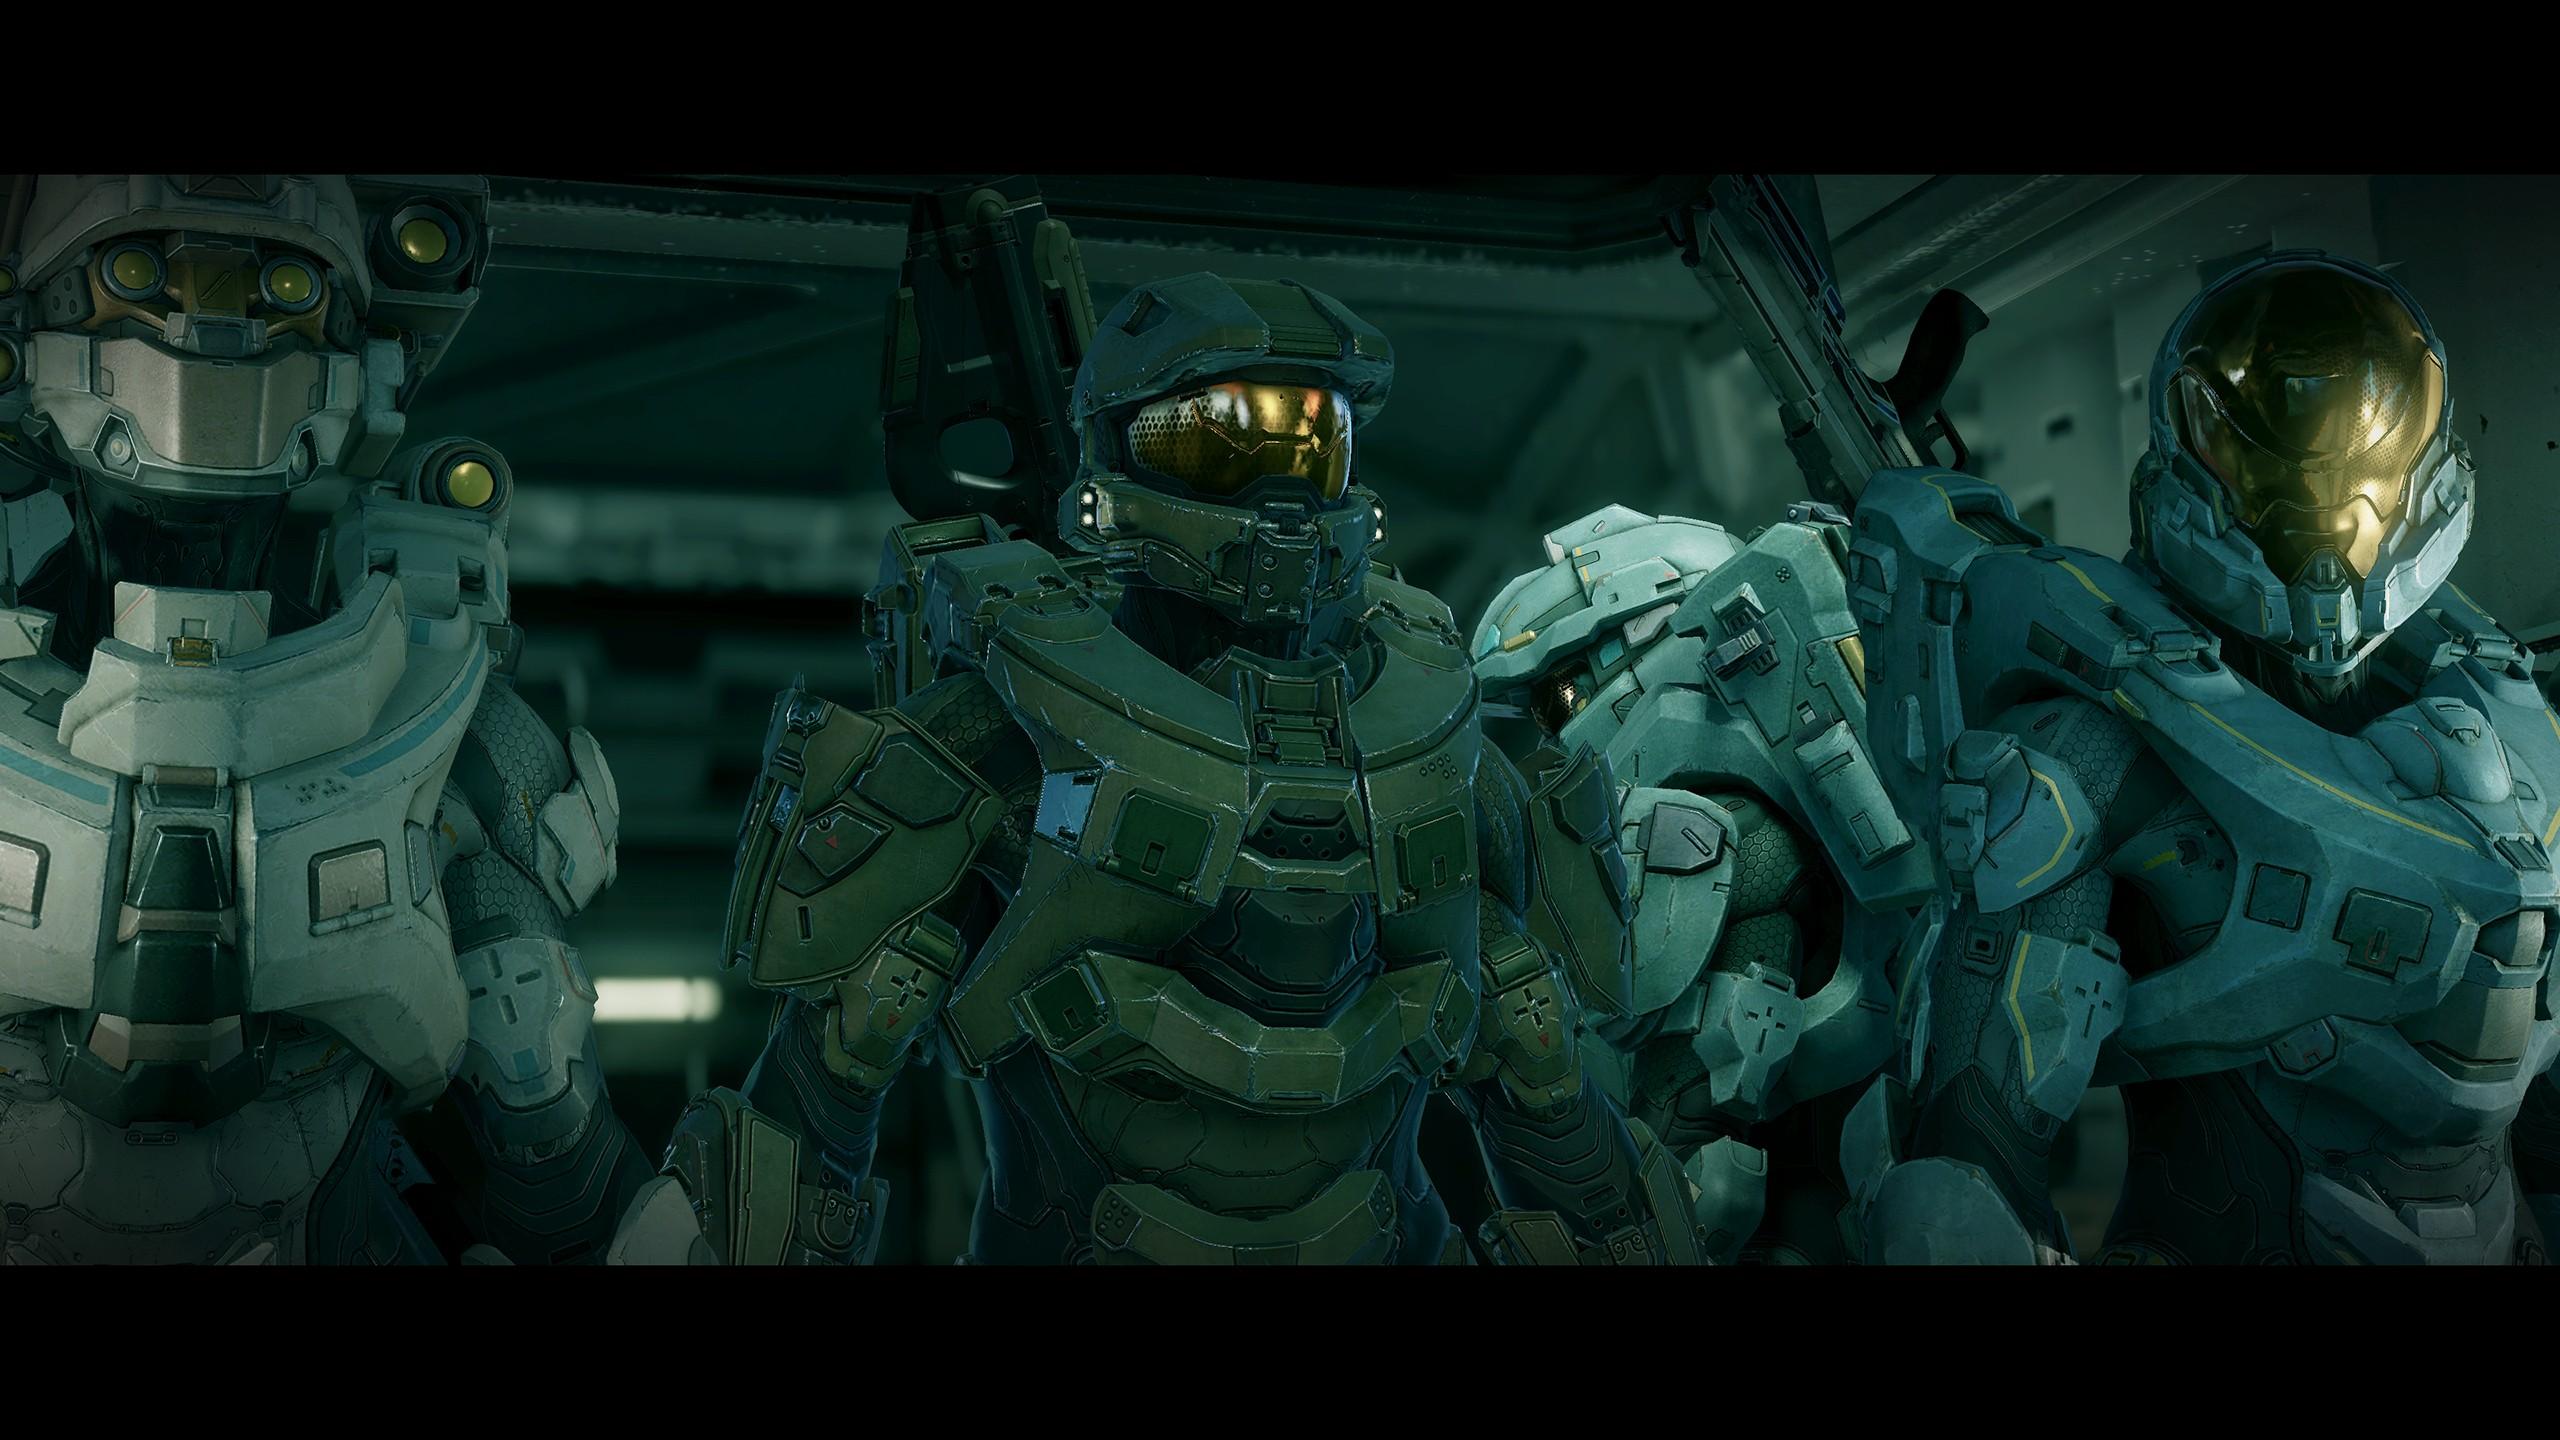 Wallpaper Halo 5 Person Master Chief Halo The Master Chief